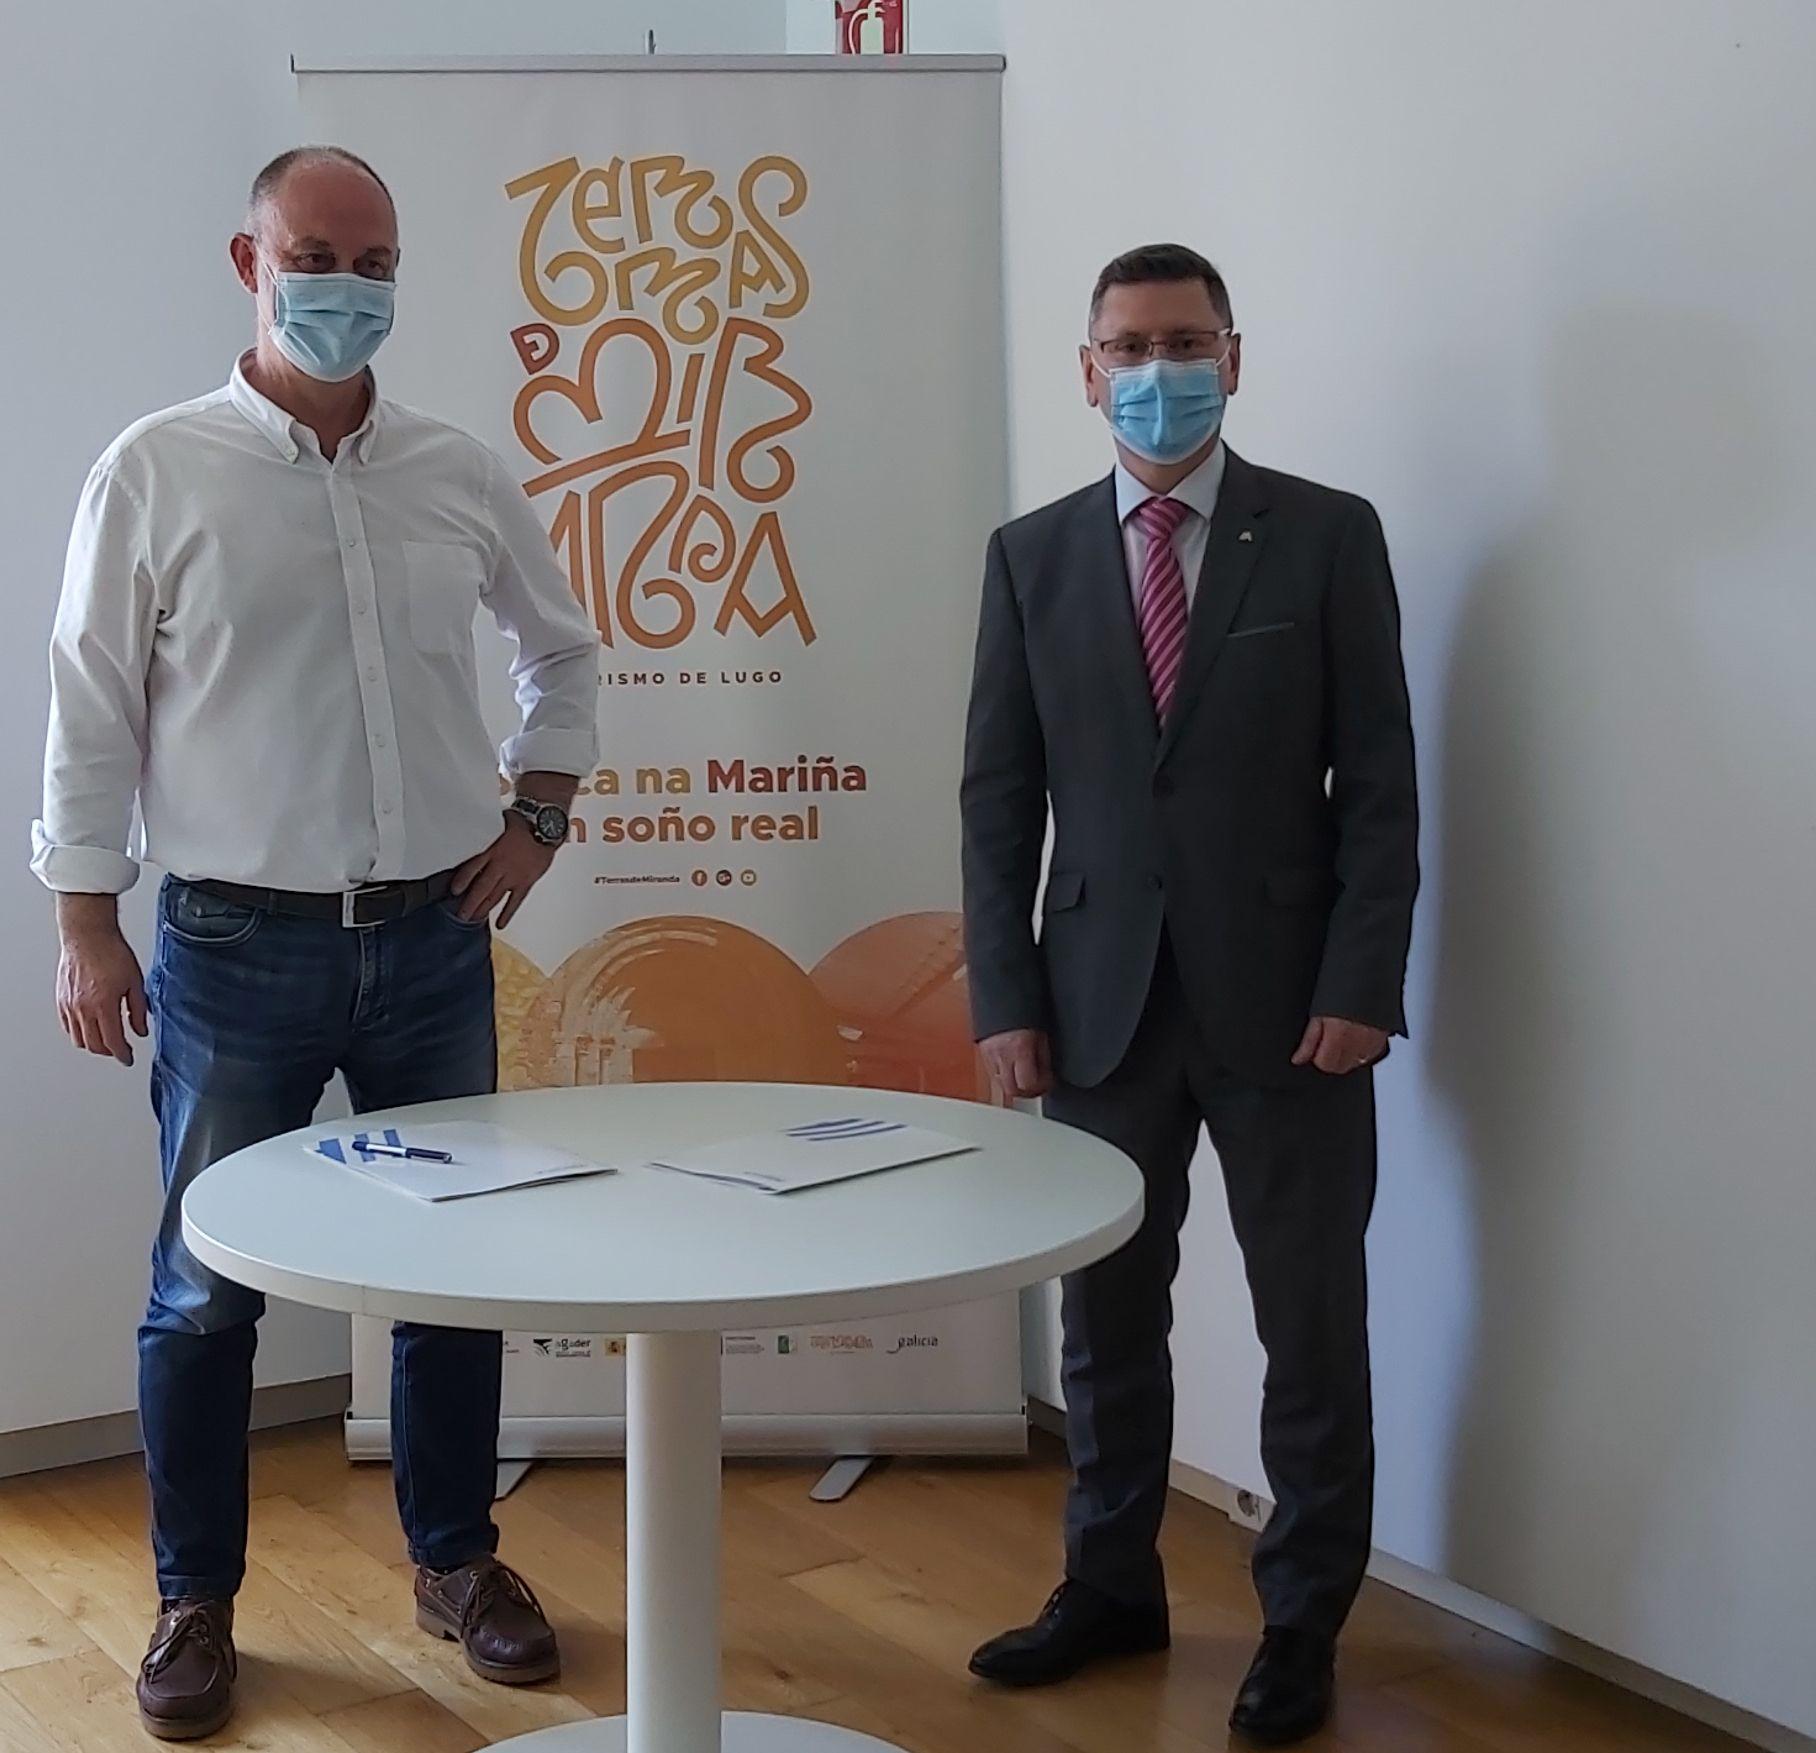 ABANCA e o GDR Terras de Miranda colaboran para impulsar novos proxectos e mellorar a sostenibilidade do medio rural